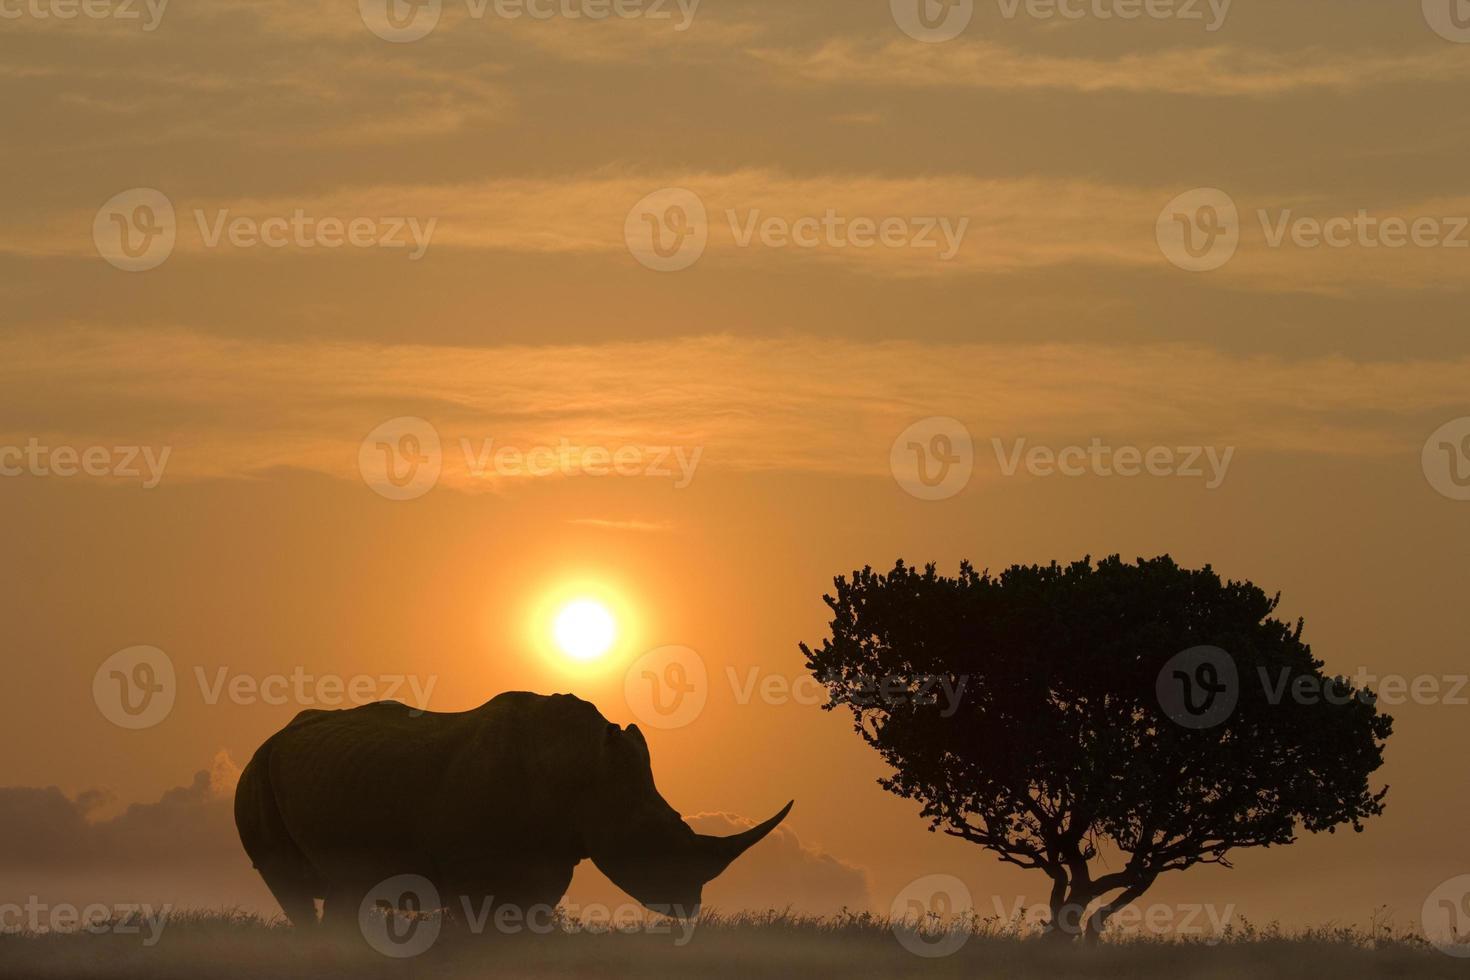 rinoceronte enorme em pé no pôr do sol ao lado de uma árvore de acácia africana foto